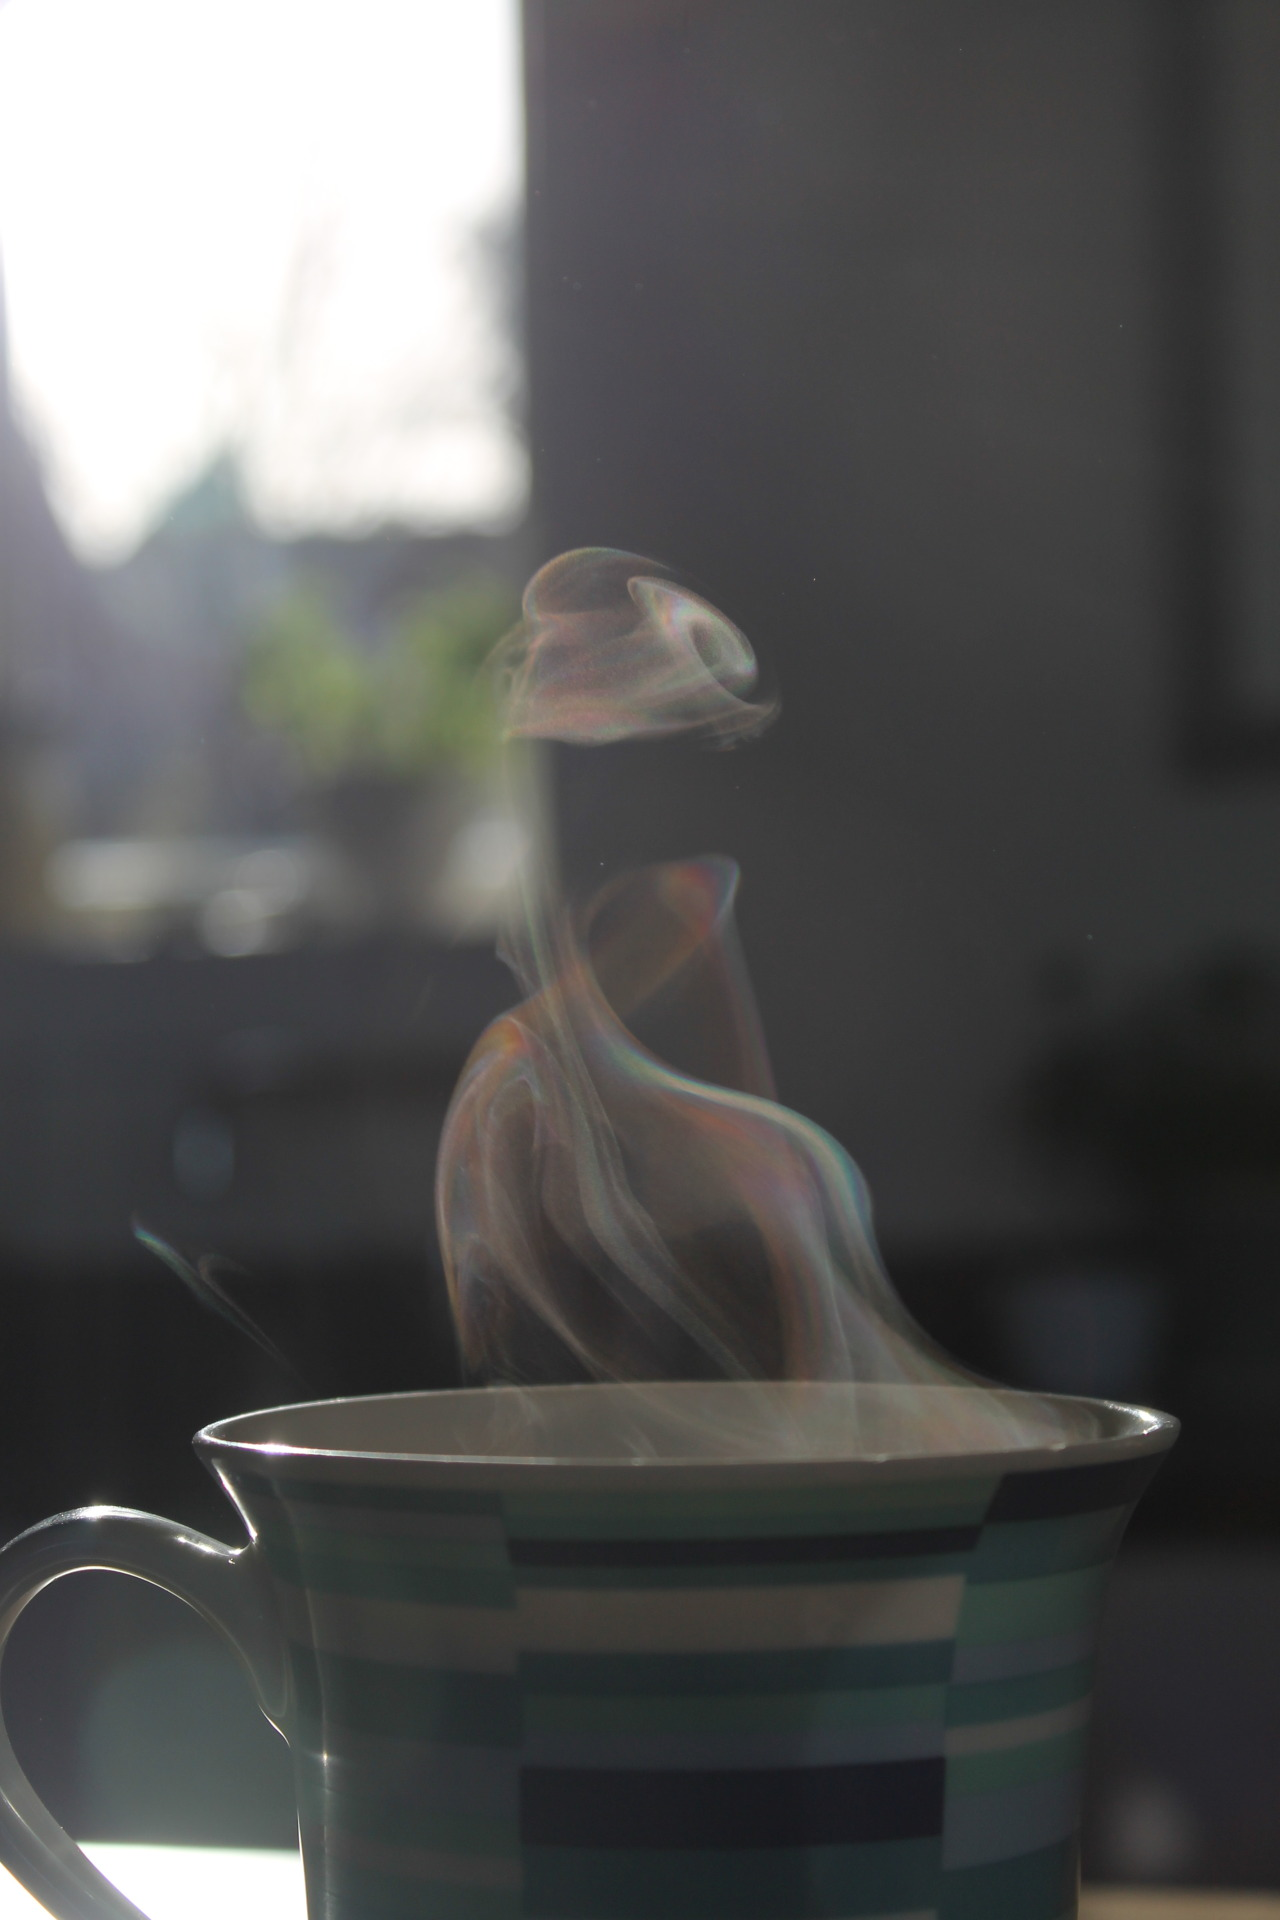 recevoir du thé gratuit